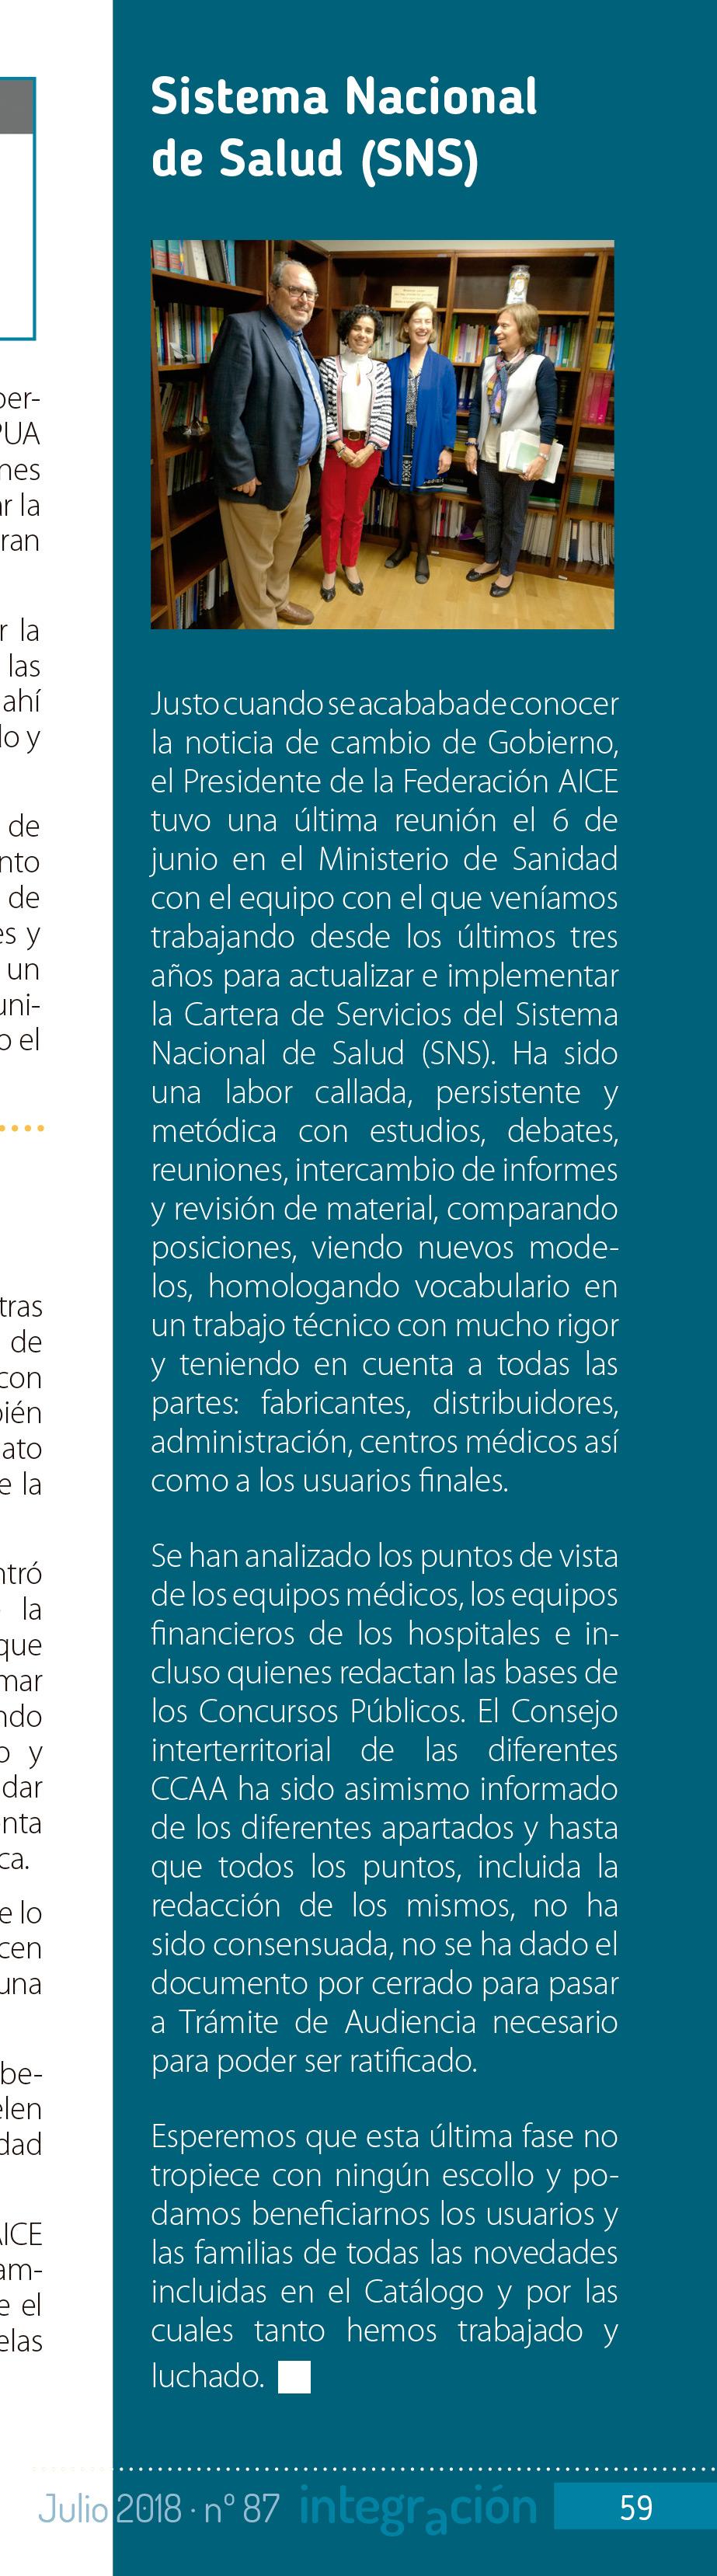 Imagen parcial de la página 59 de la revista Integración 87